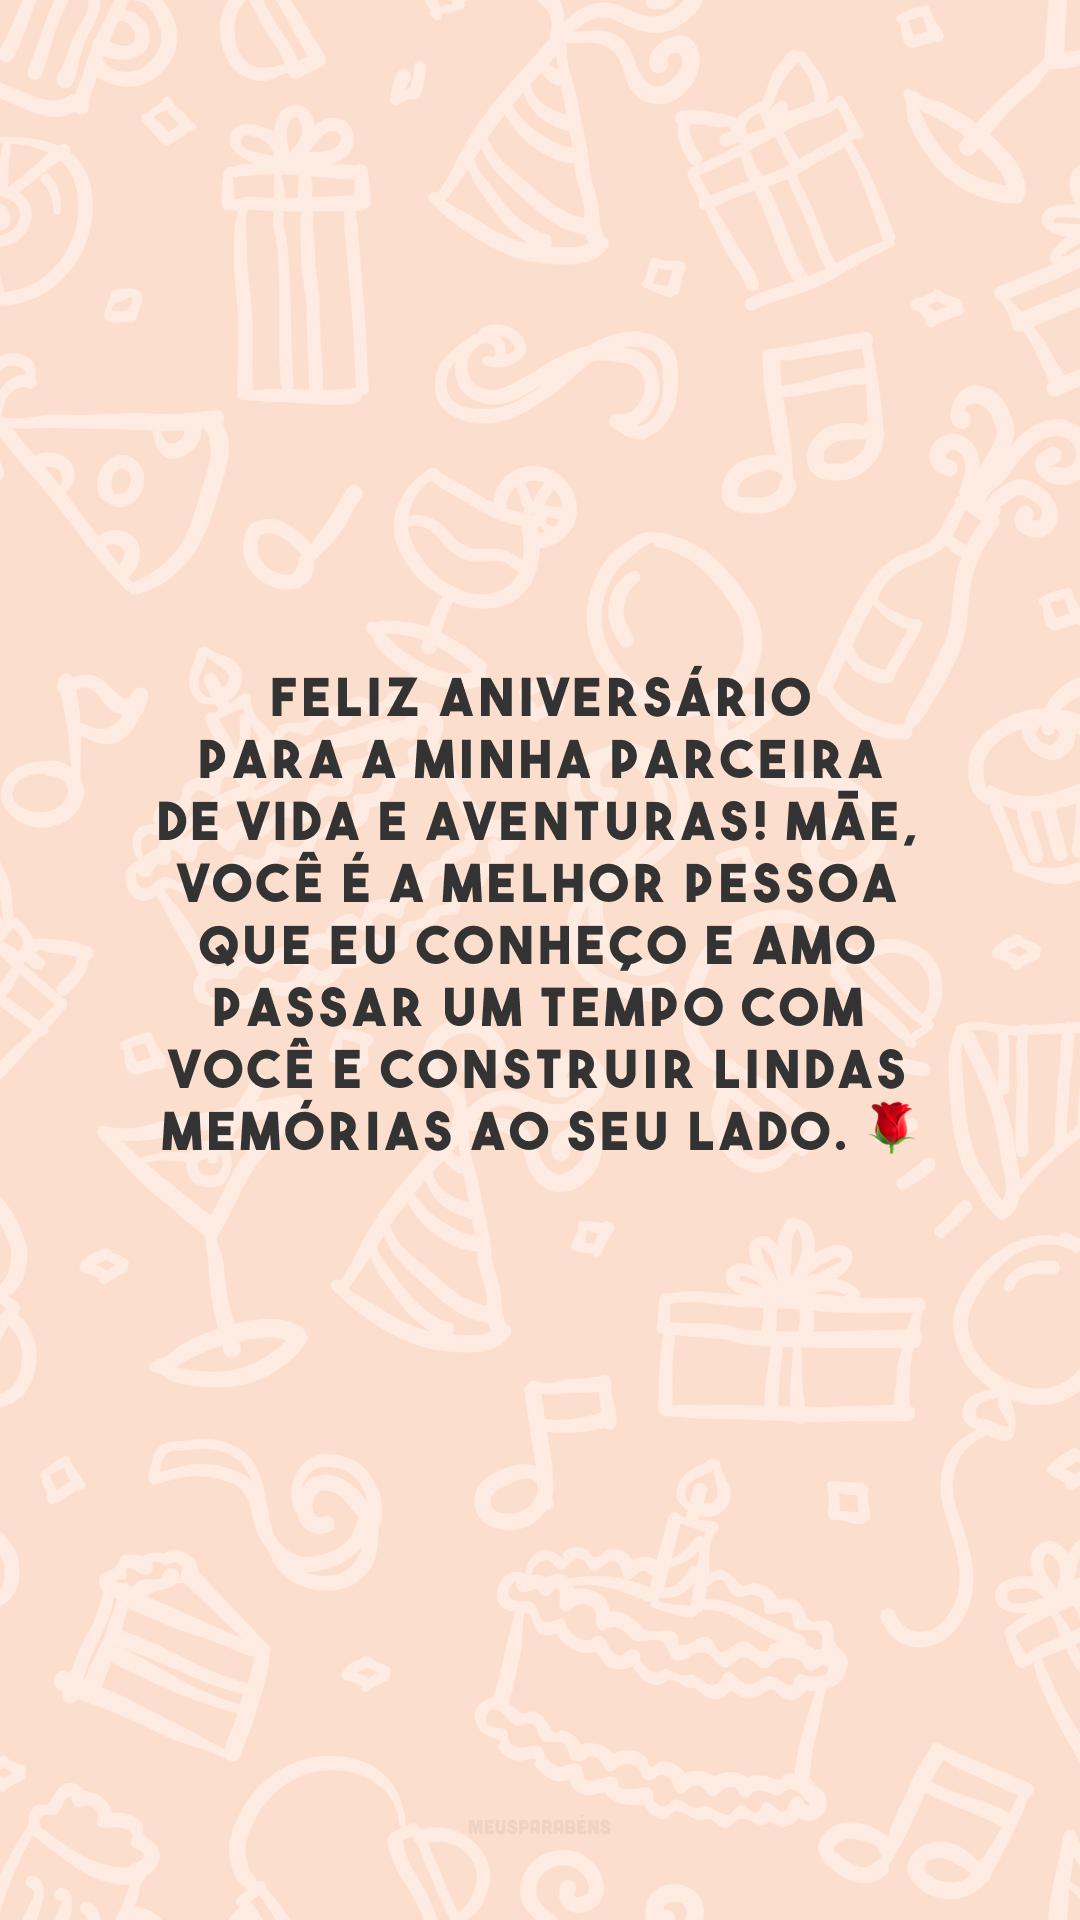 Feliz aniversário para a minha parceira de vida e aventuras! Mãe, você é a melhor pessoa que eu conheço e amo passar um tempo com você e construir lindas memórias ao seu lado. 🌹